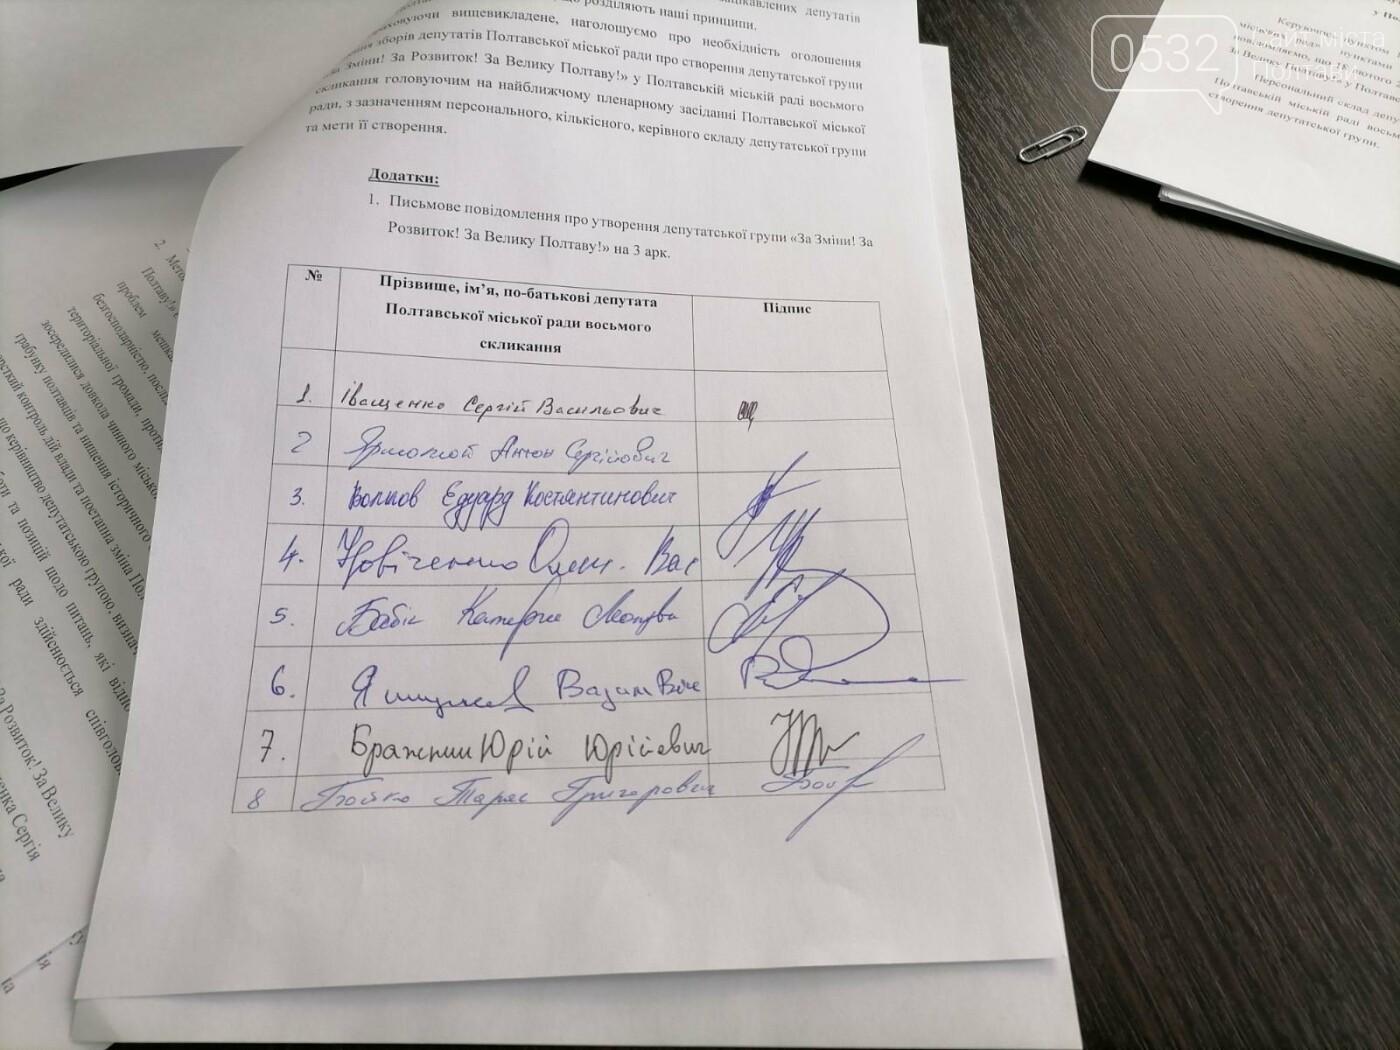 Депутати – опозиціонери створили групу «За зміни! За розвиток! За Велику Полтаву!», фото-5